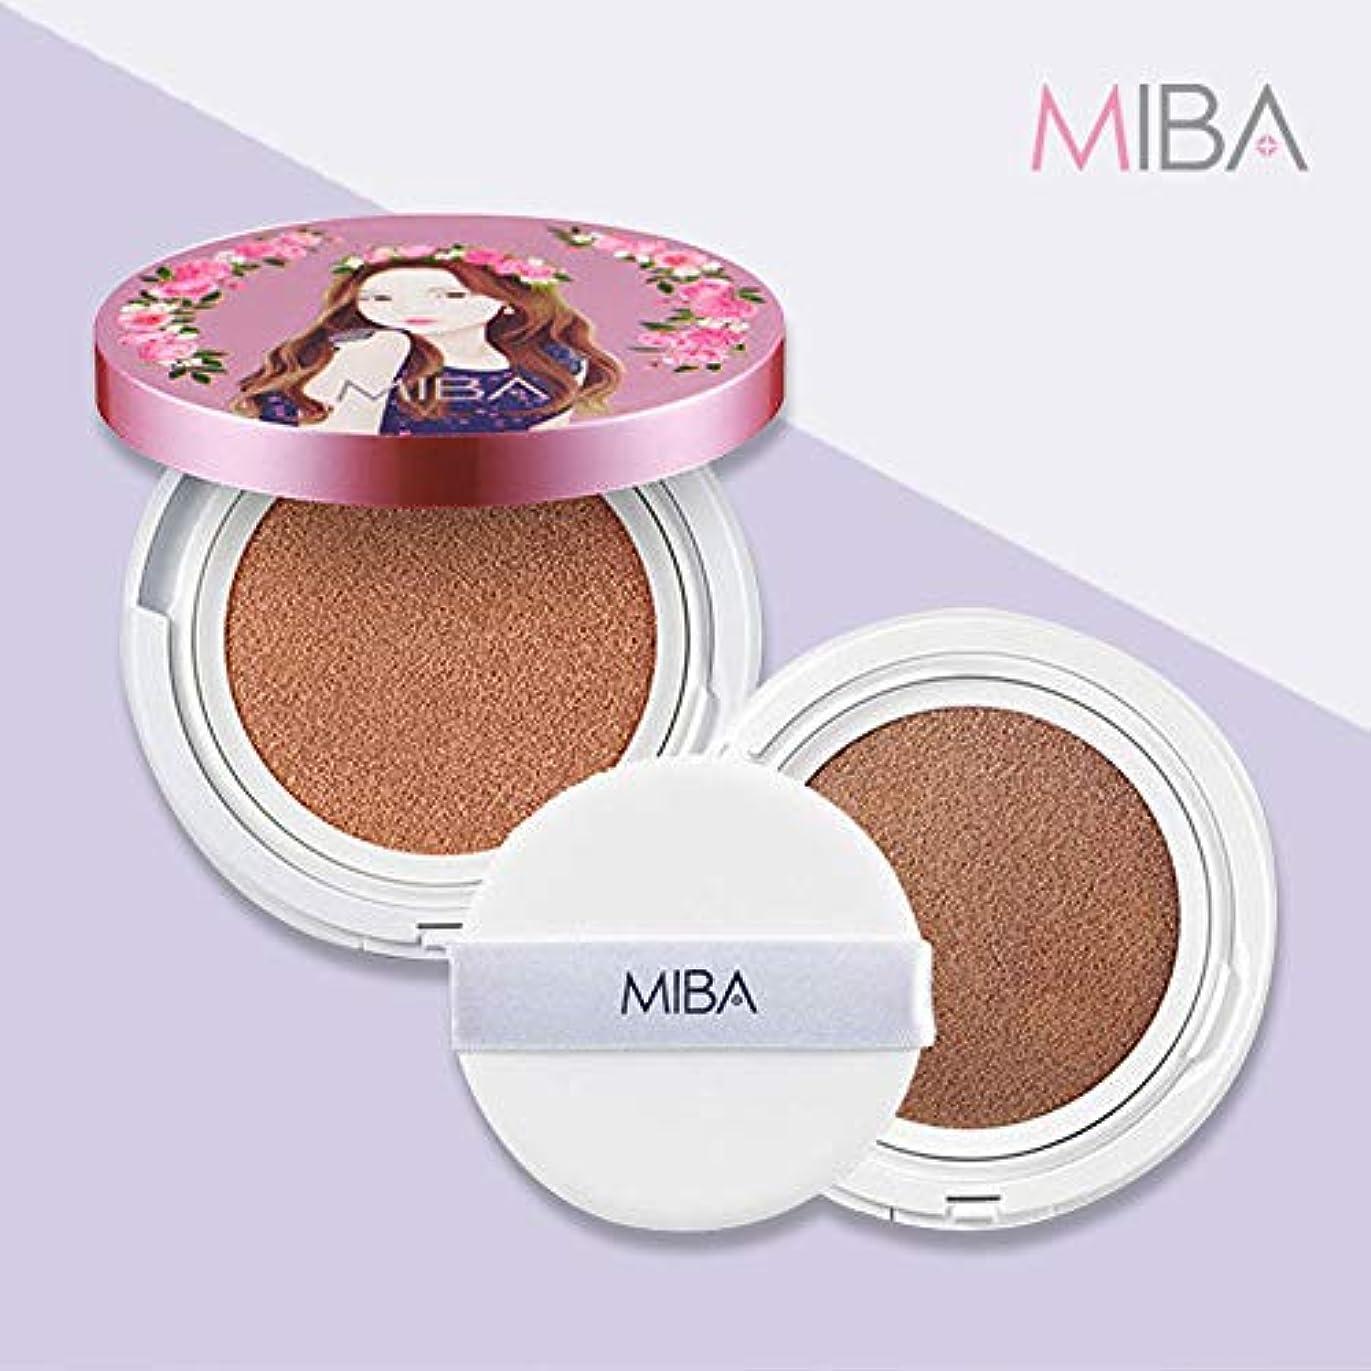 バケツ十分です肉【mineralbio】 MIBA ミバ イオンカルシウム ミネラルファンデーション ダブルクッション SPF50+/PA++++ 本品+リフィル+パフ2枚 明るい肌用 (Ion Calcium Foundation Double Cushion set 24g #21 Light skin)